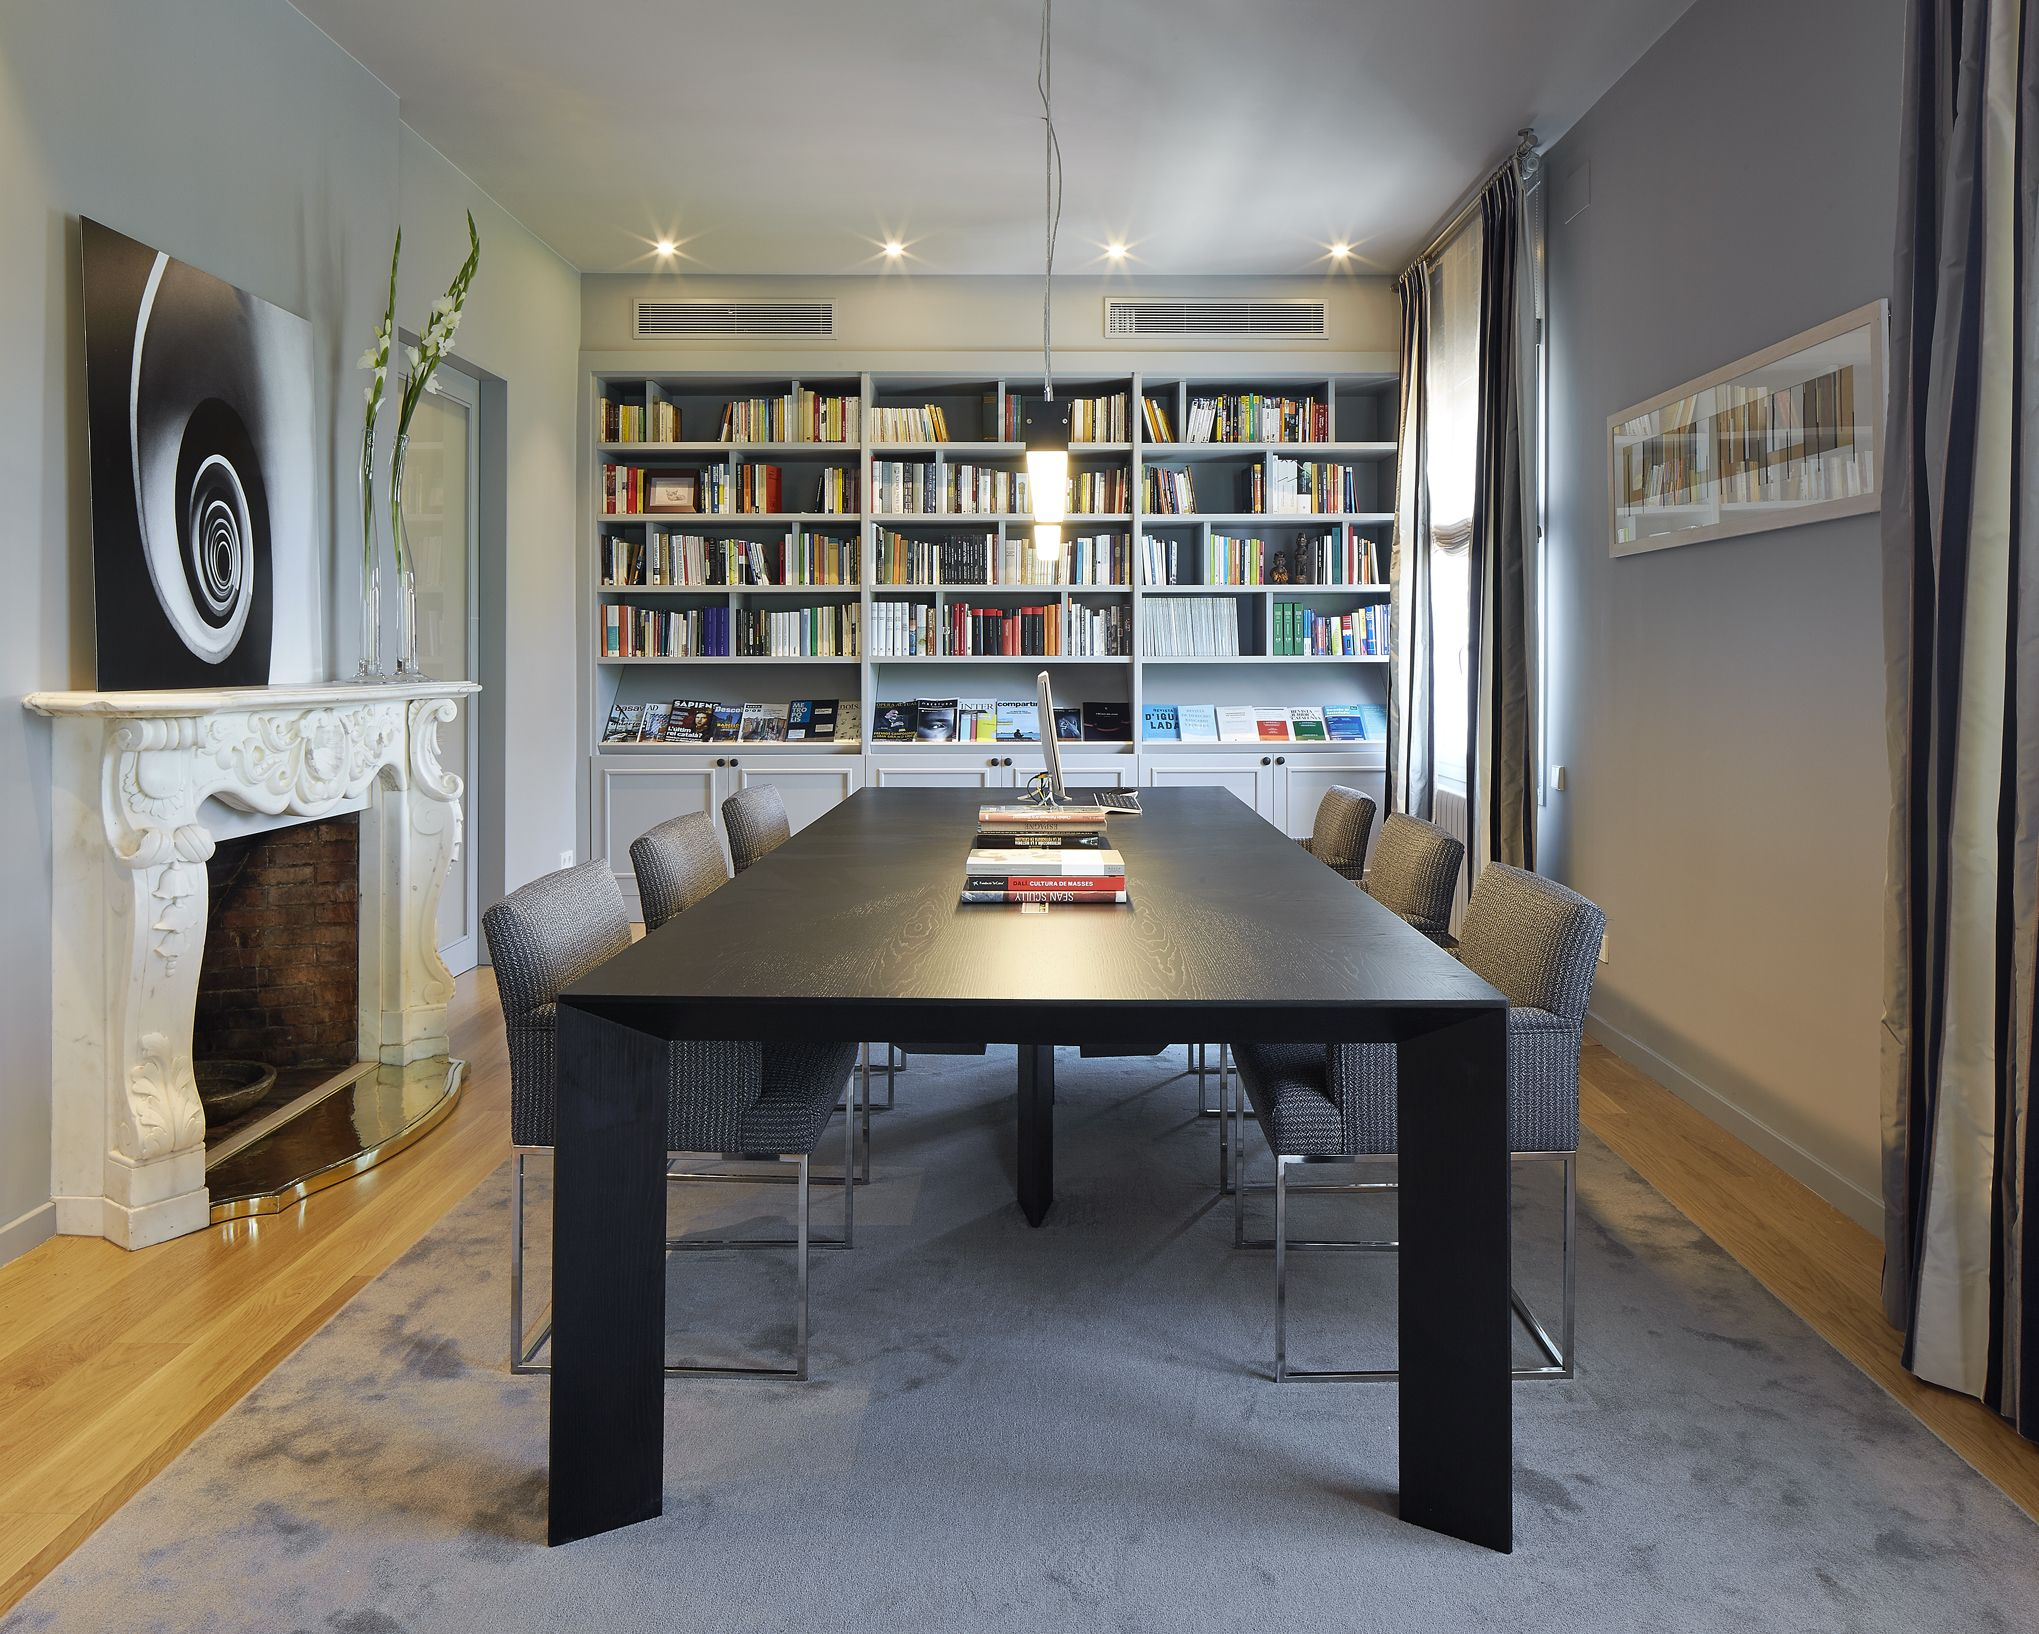 Molins interiors arquitectura interior interiorismo - Mesas de arquitectura ...